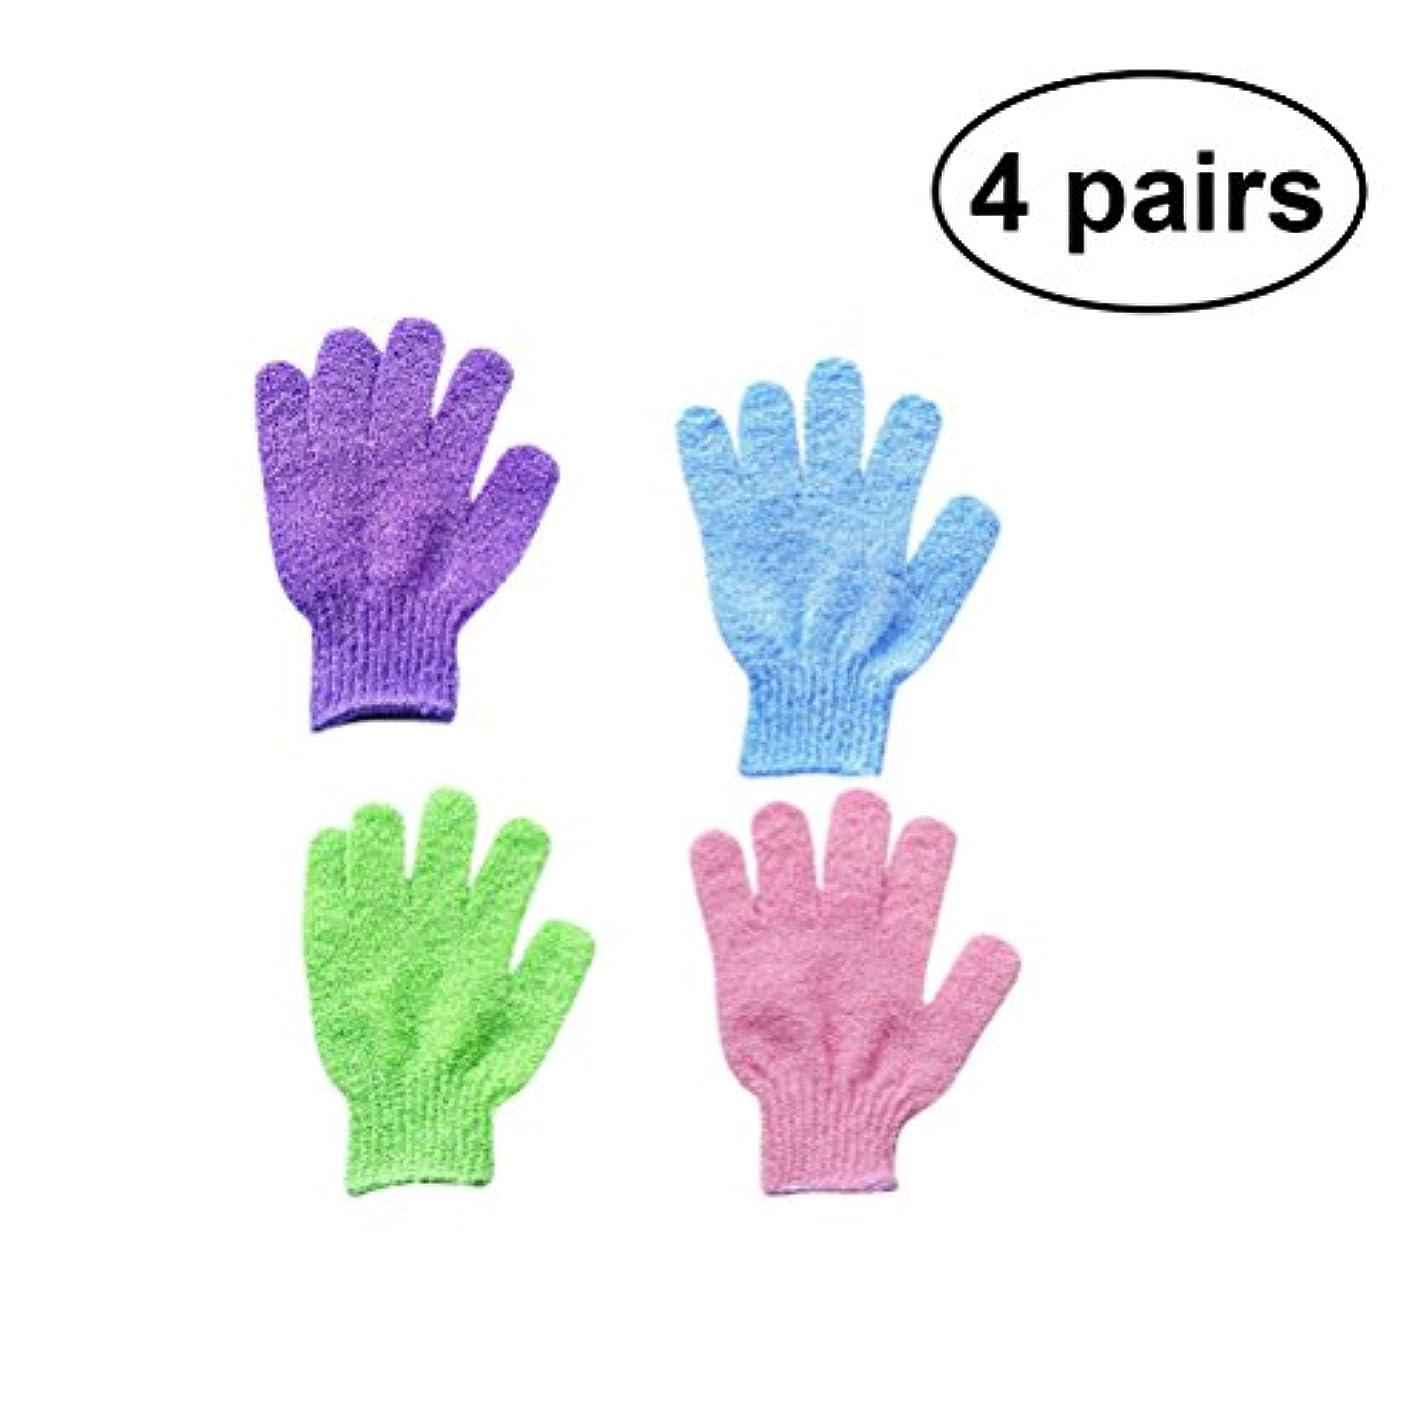 マウスピースアシュリータファーマン隣接するHealifty 4 Pairs Exfoliating Bath Gloves Shower Mitts Exfoliating Body Spa Massage Dead Skin Cell Remover